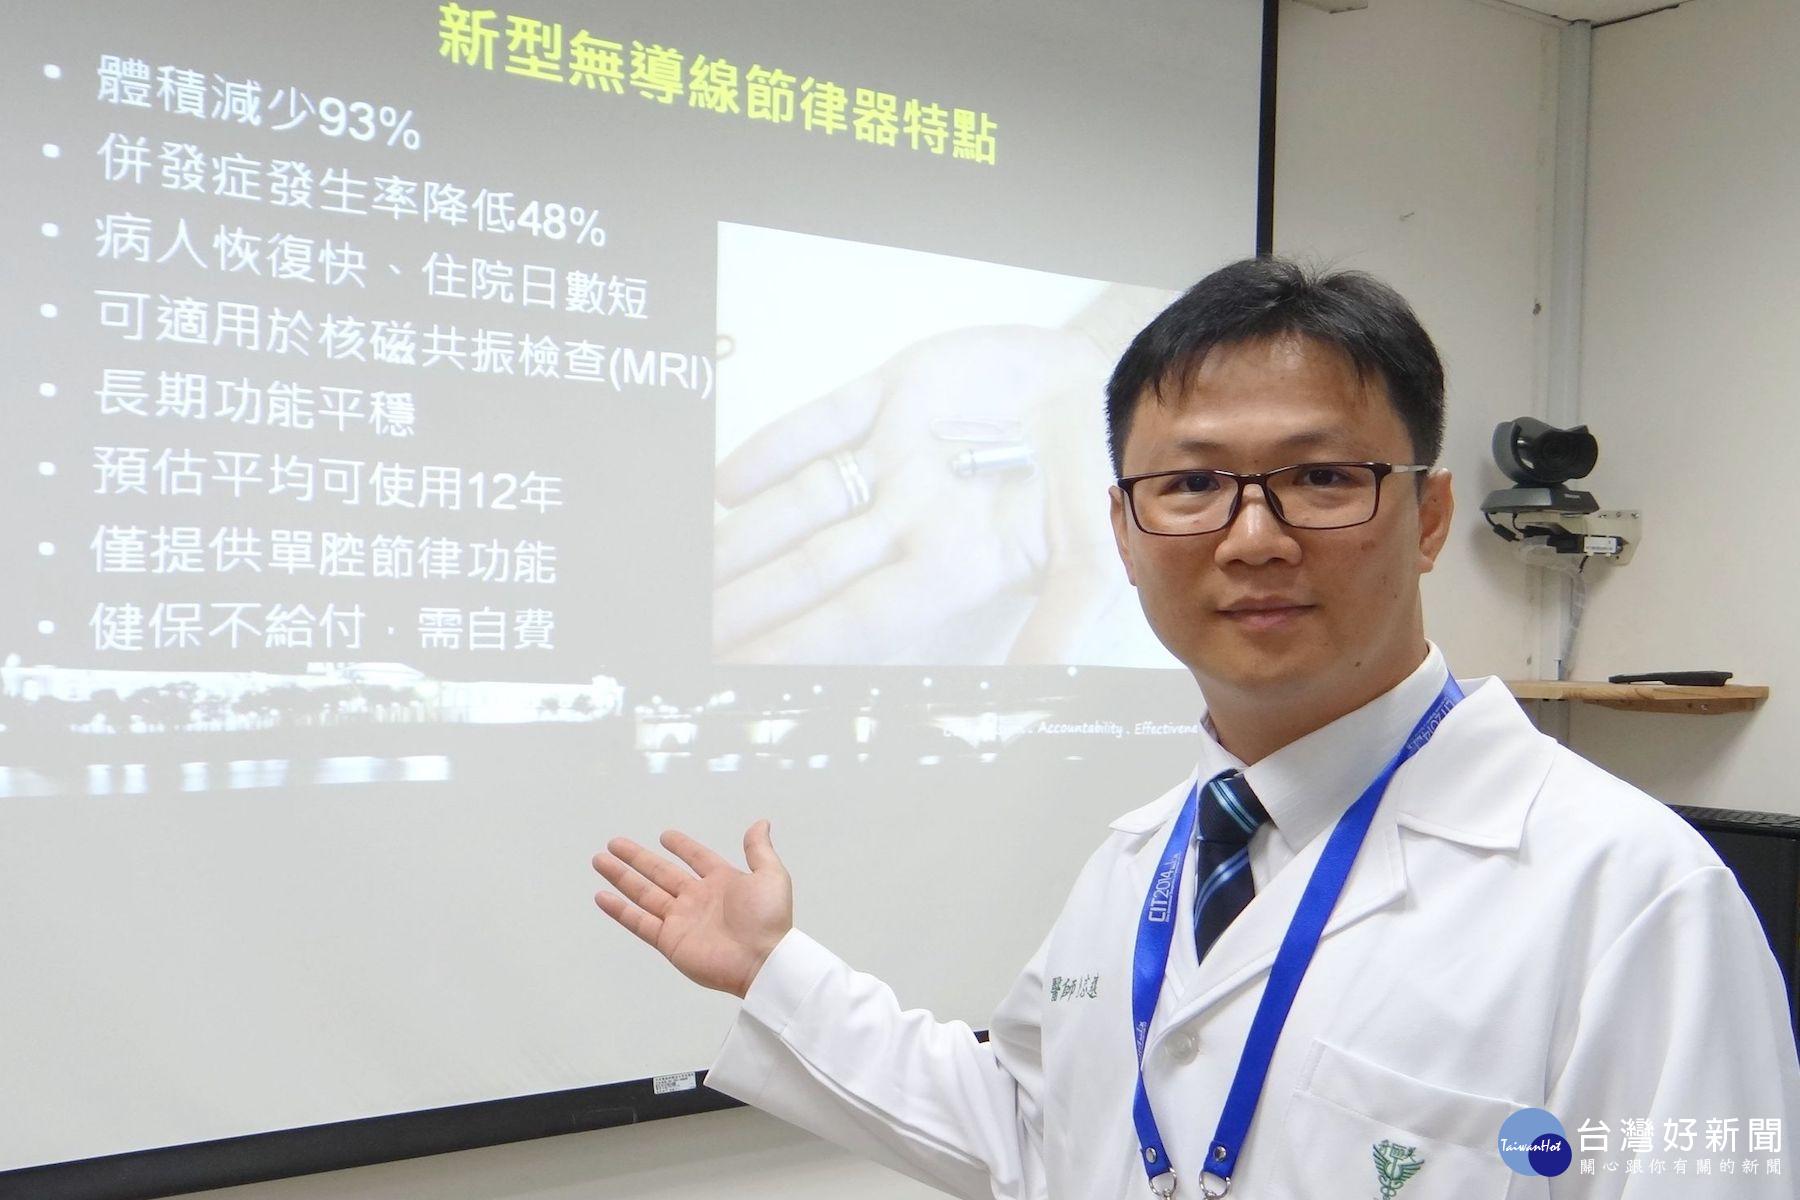 保心臟節律器功能正常 盡量離手機超過15公分卡安全